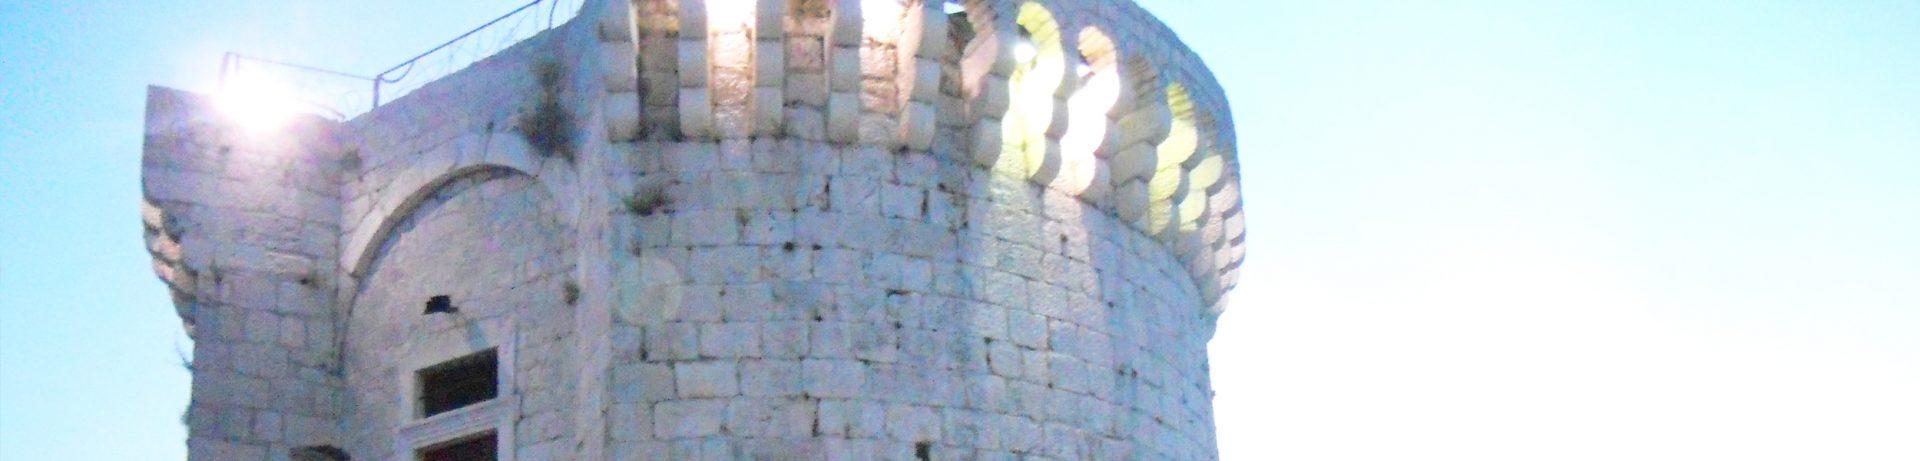 Przewodnik poTrogirze - Wieża św